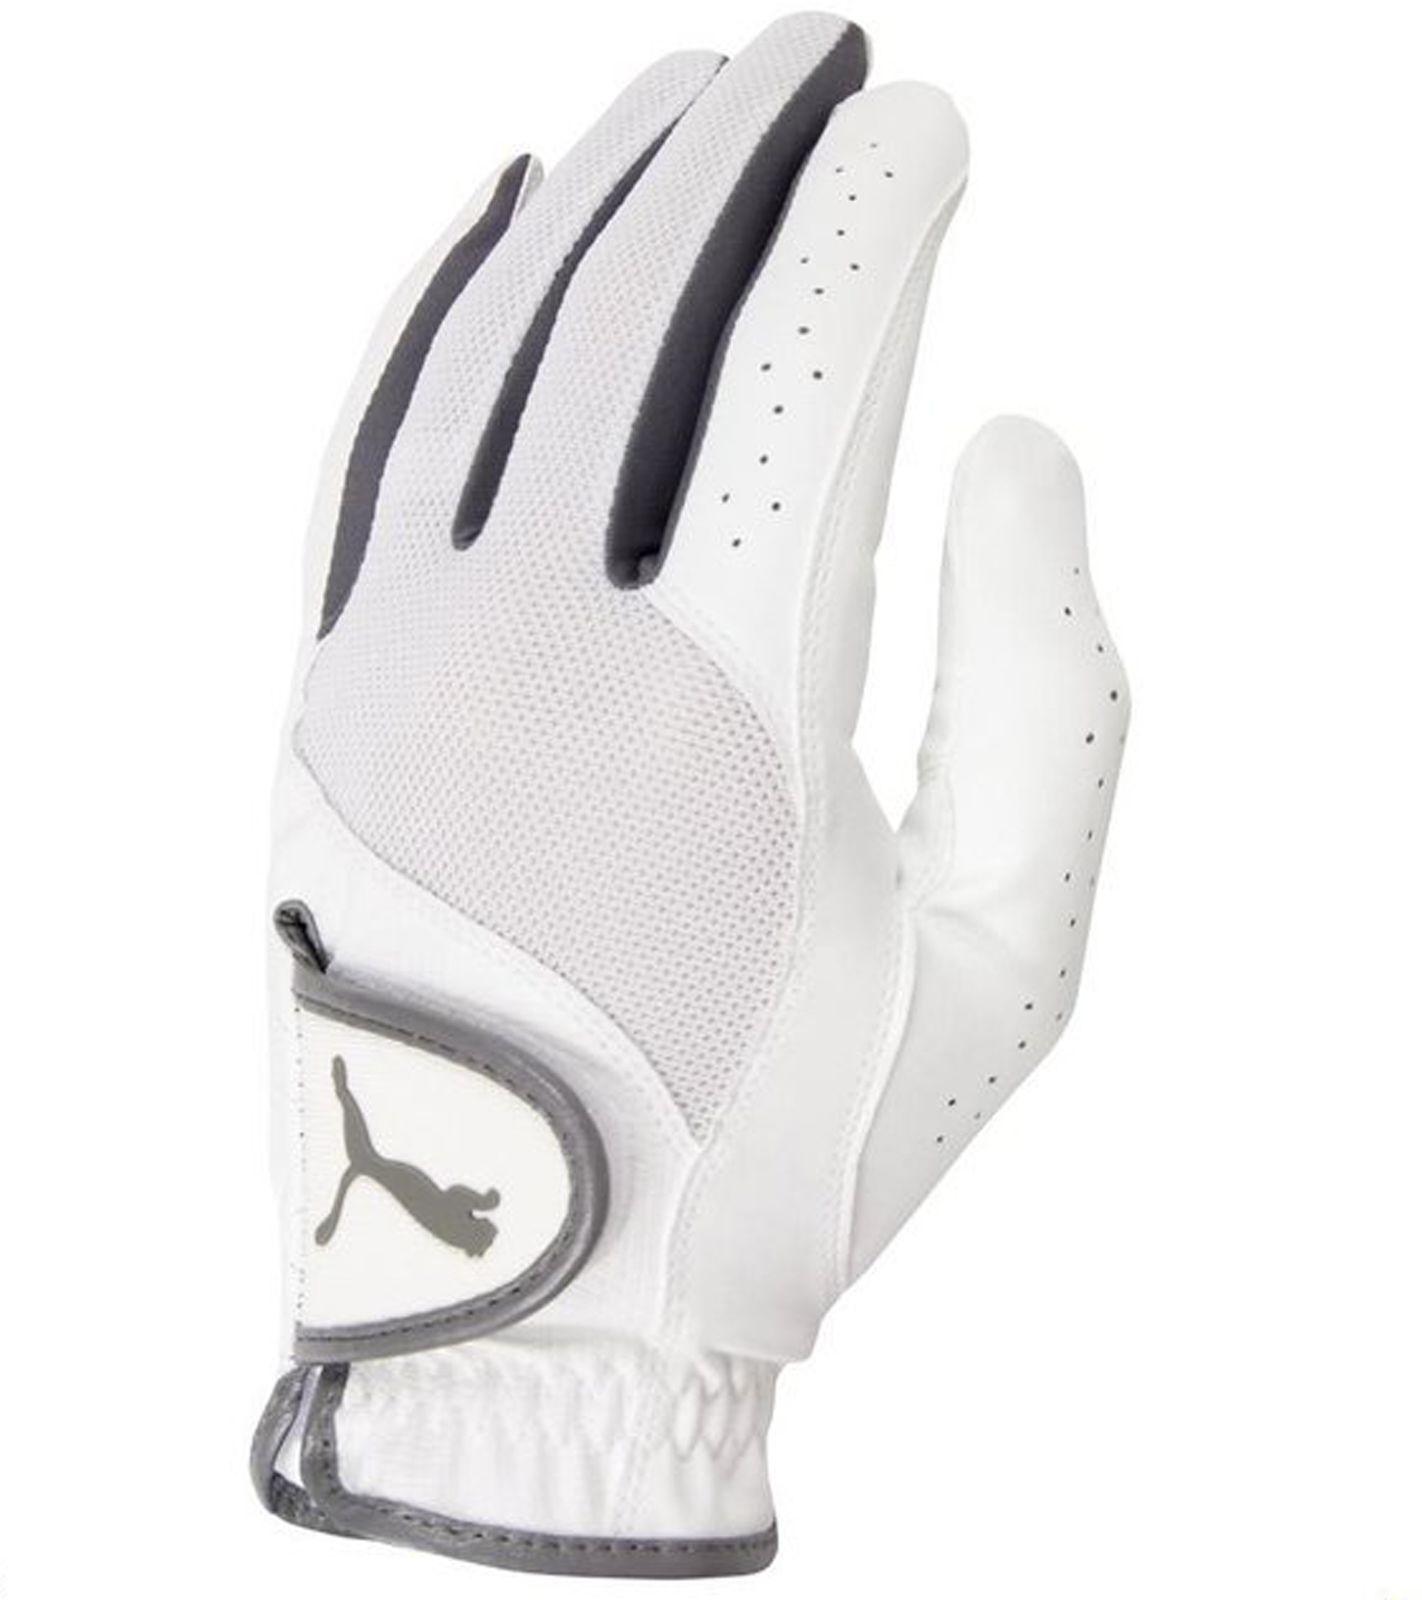 PUMA Golf-Handschuhe atmungsaktive Herren Handschuhe für die linke Hand Weiß